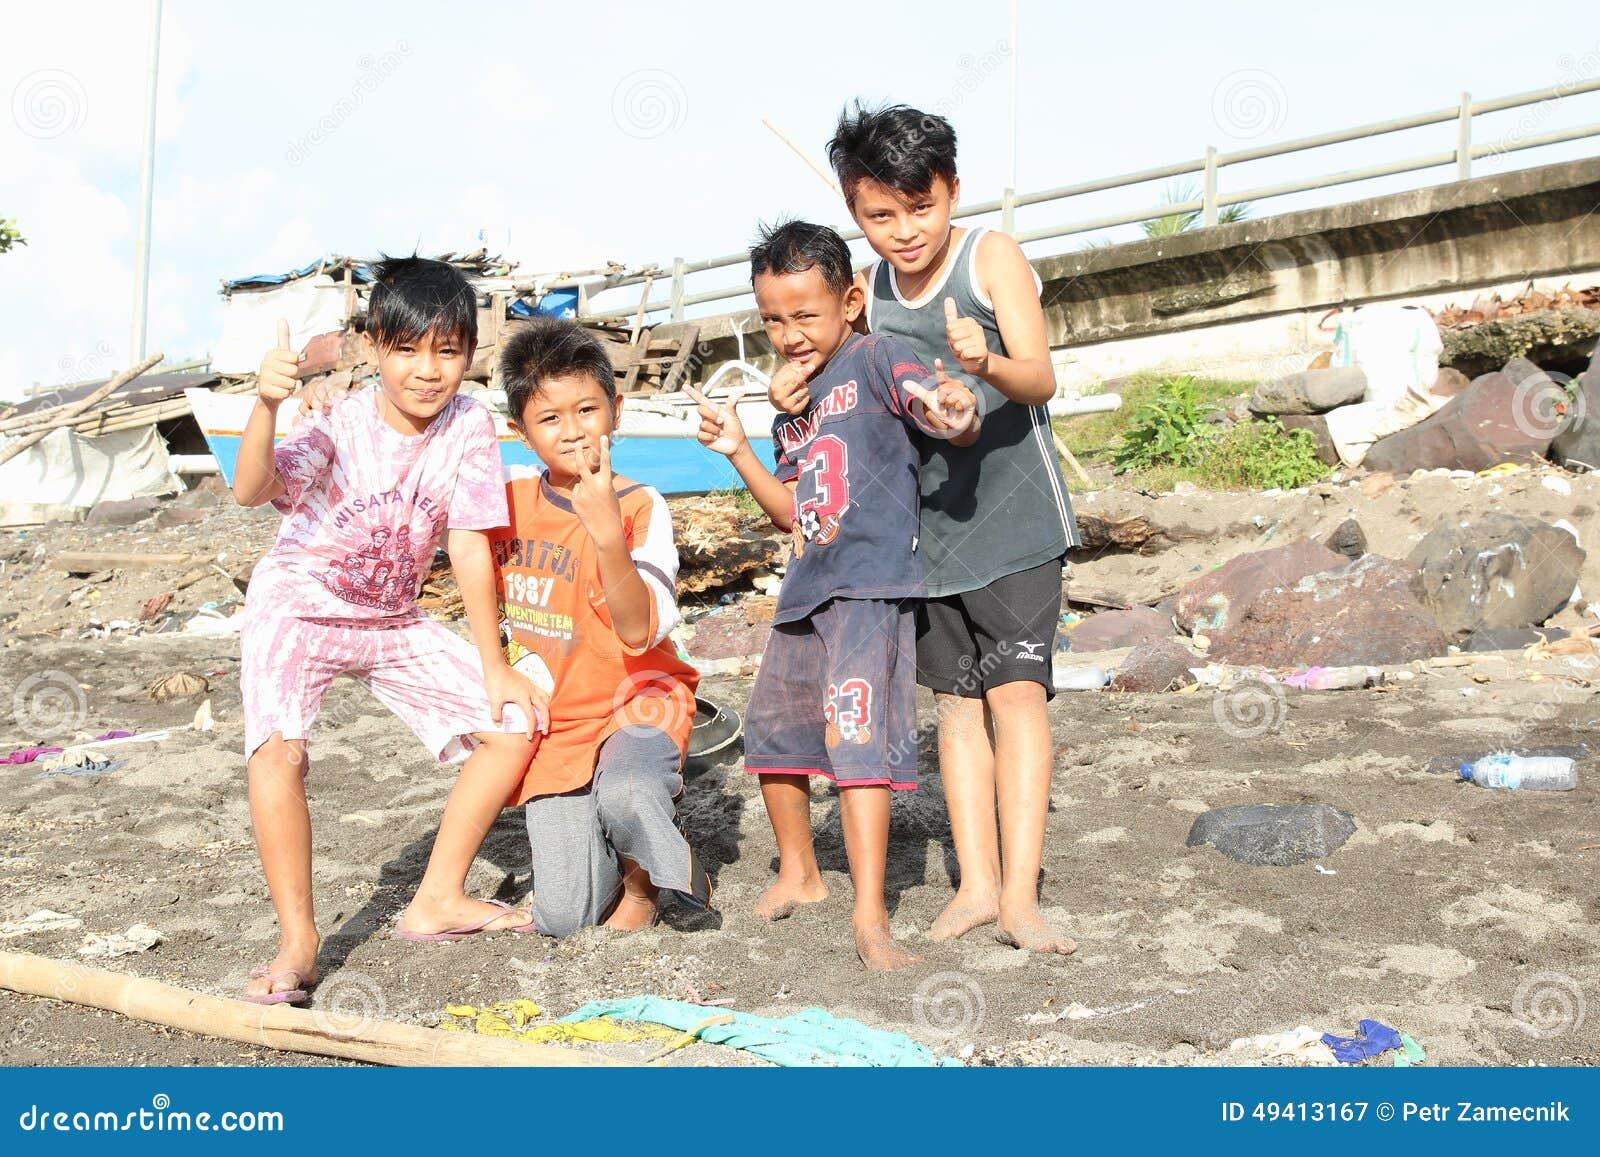 Download Kinder von Manado redaktionelles stockfotografie. Bild von zicklein - 49413167